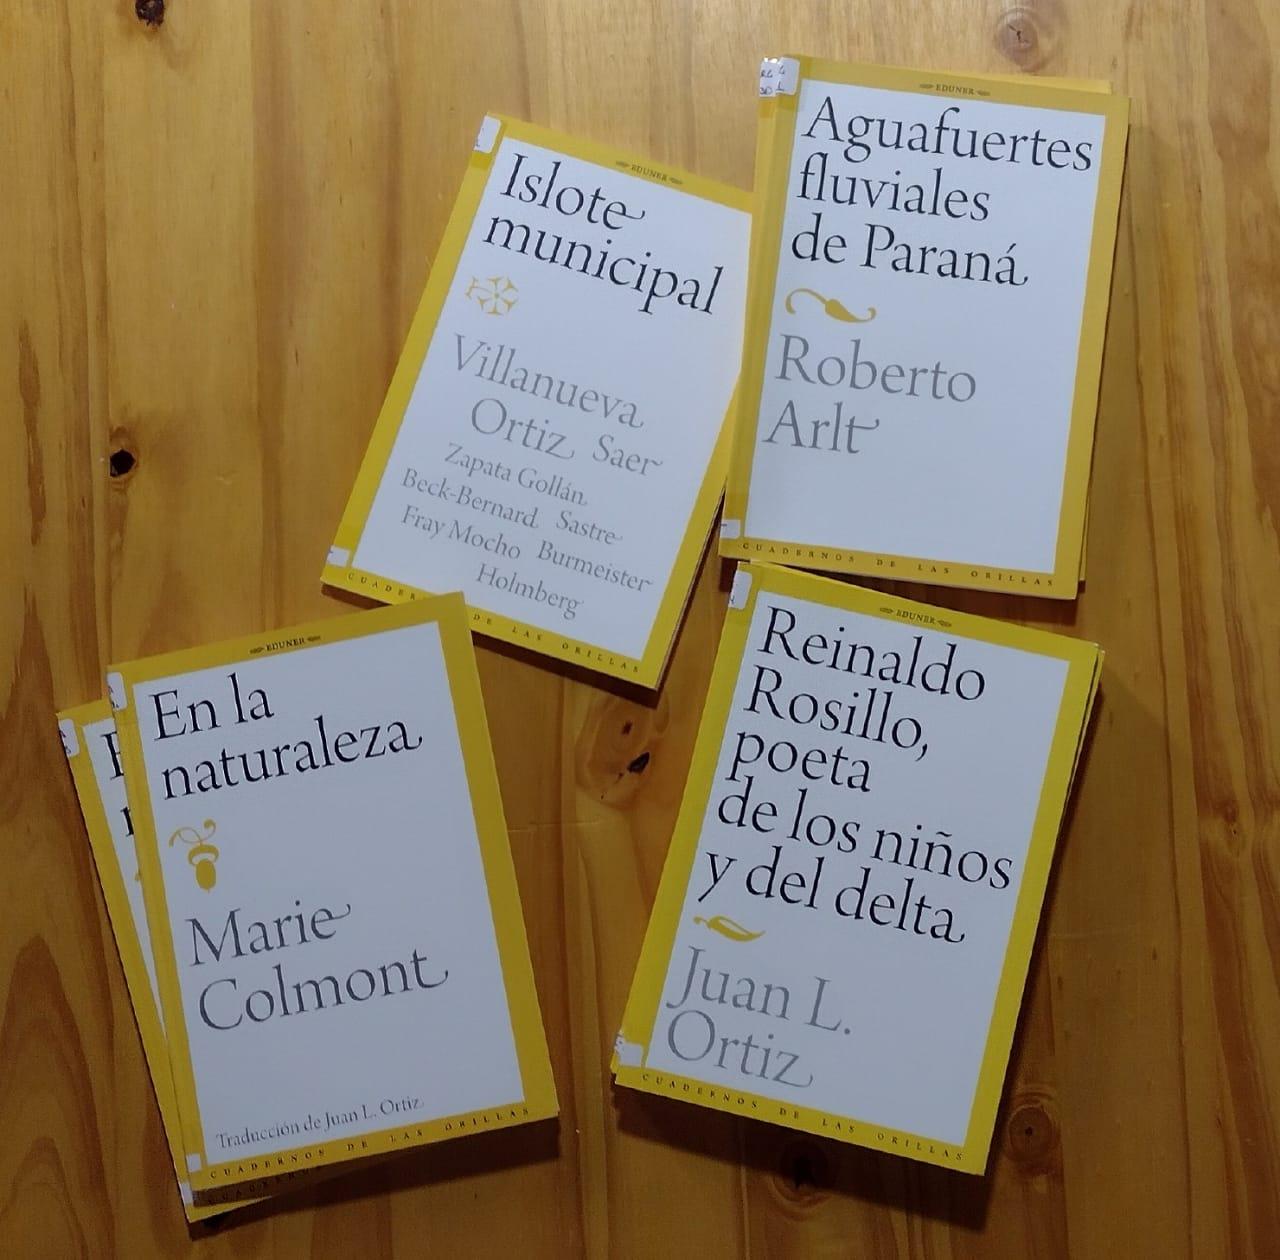 Libros de EDUNER de la colección Cuadernos de la Orillas